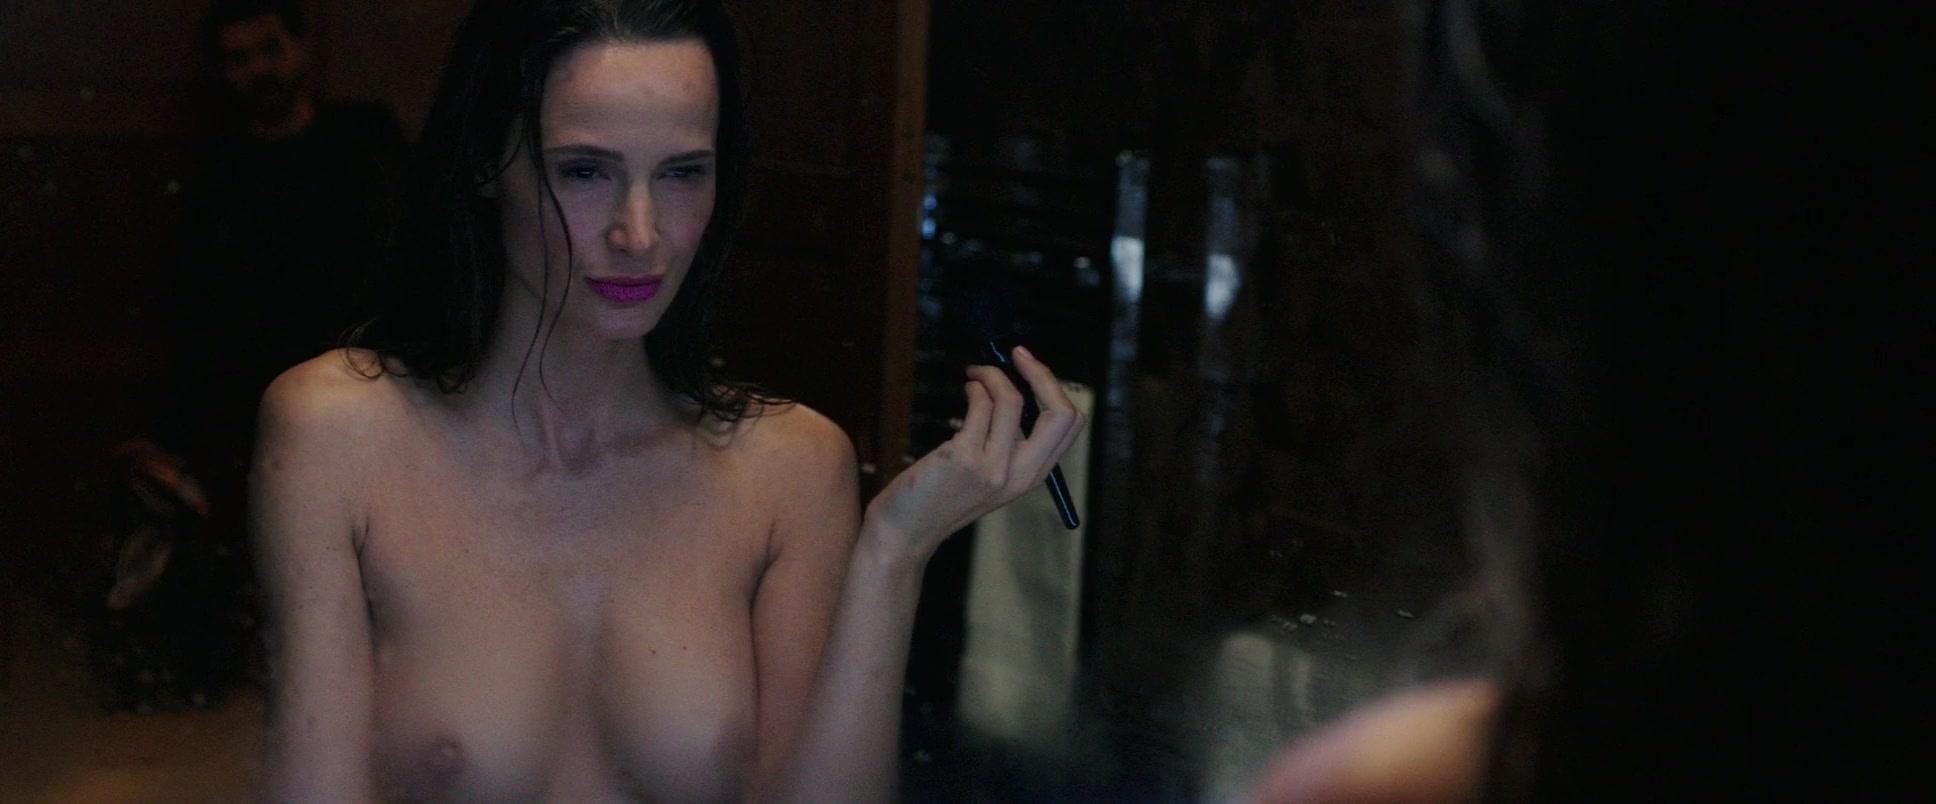 Goksun Cam nude - American Assassin (2017)